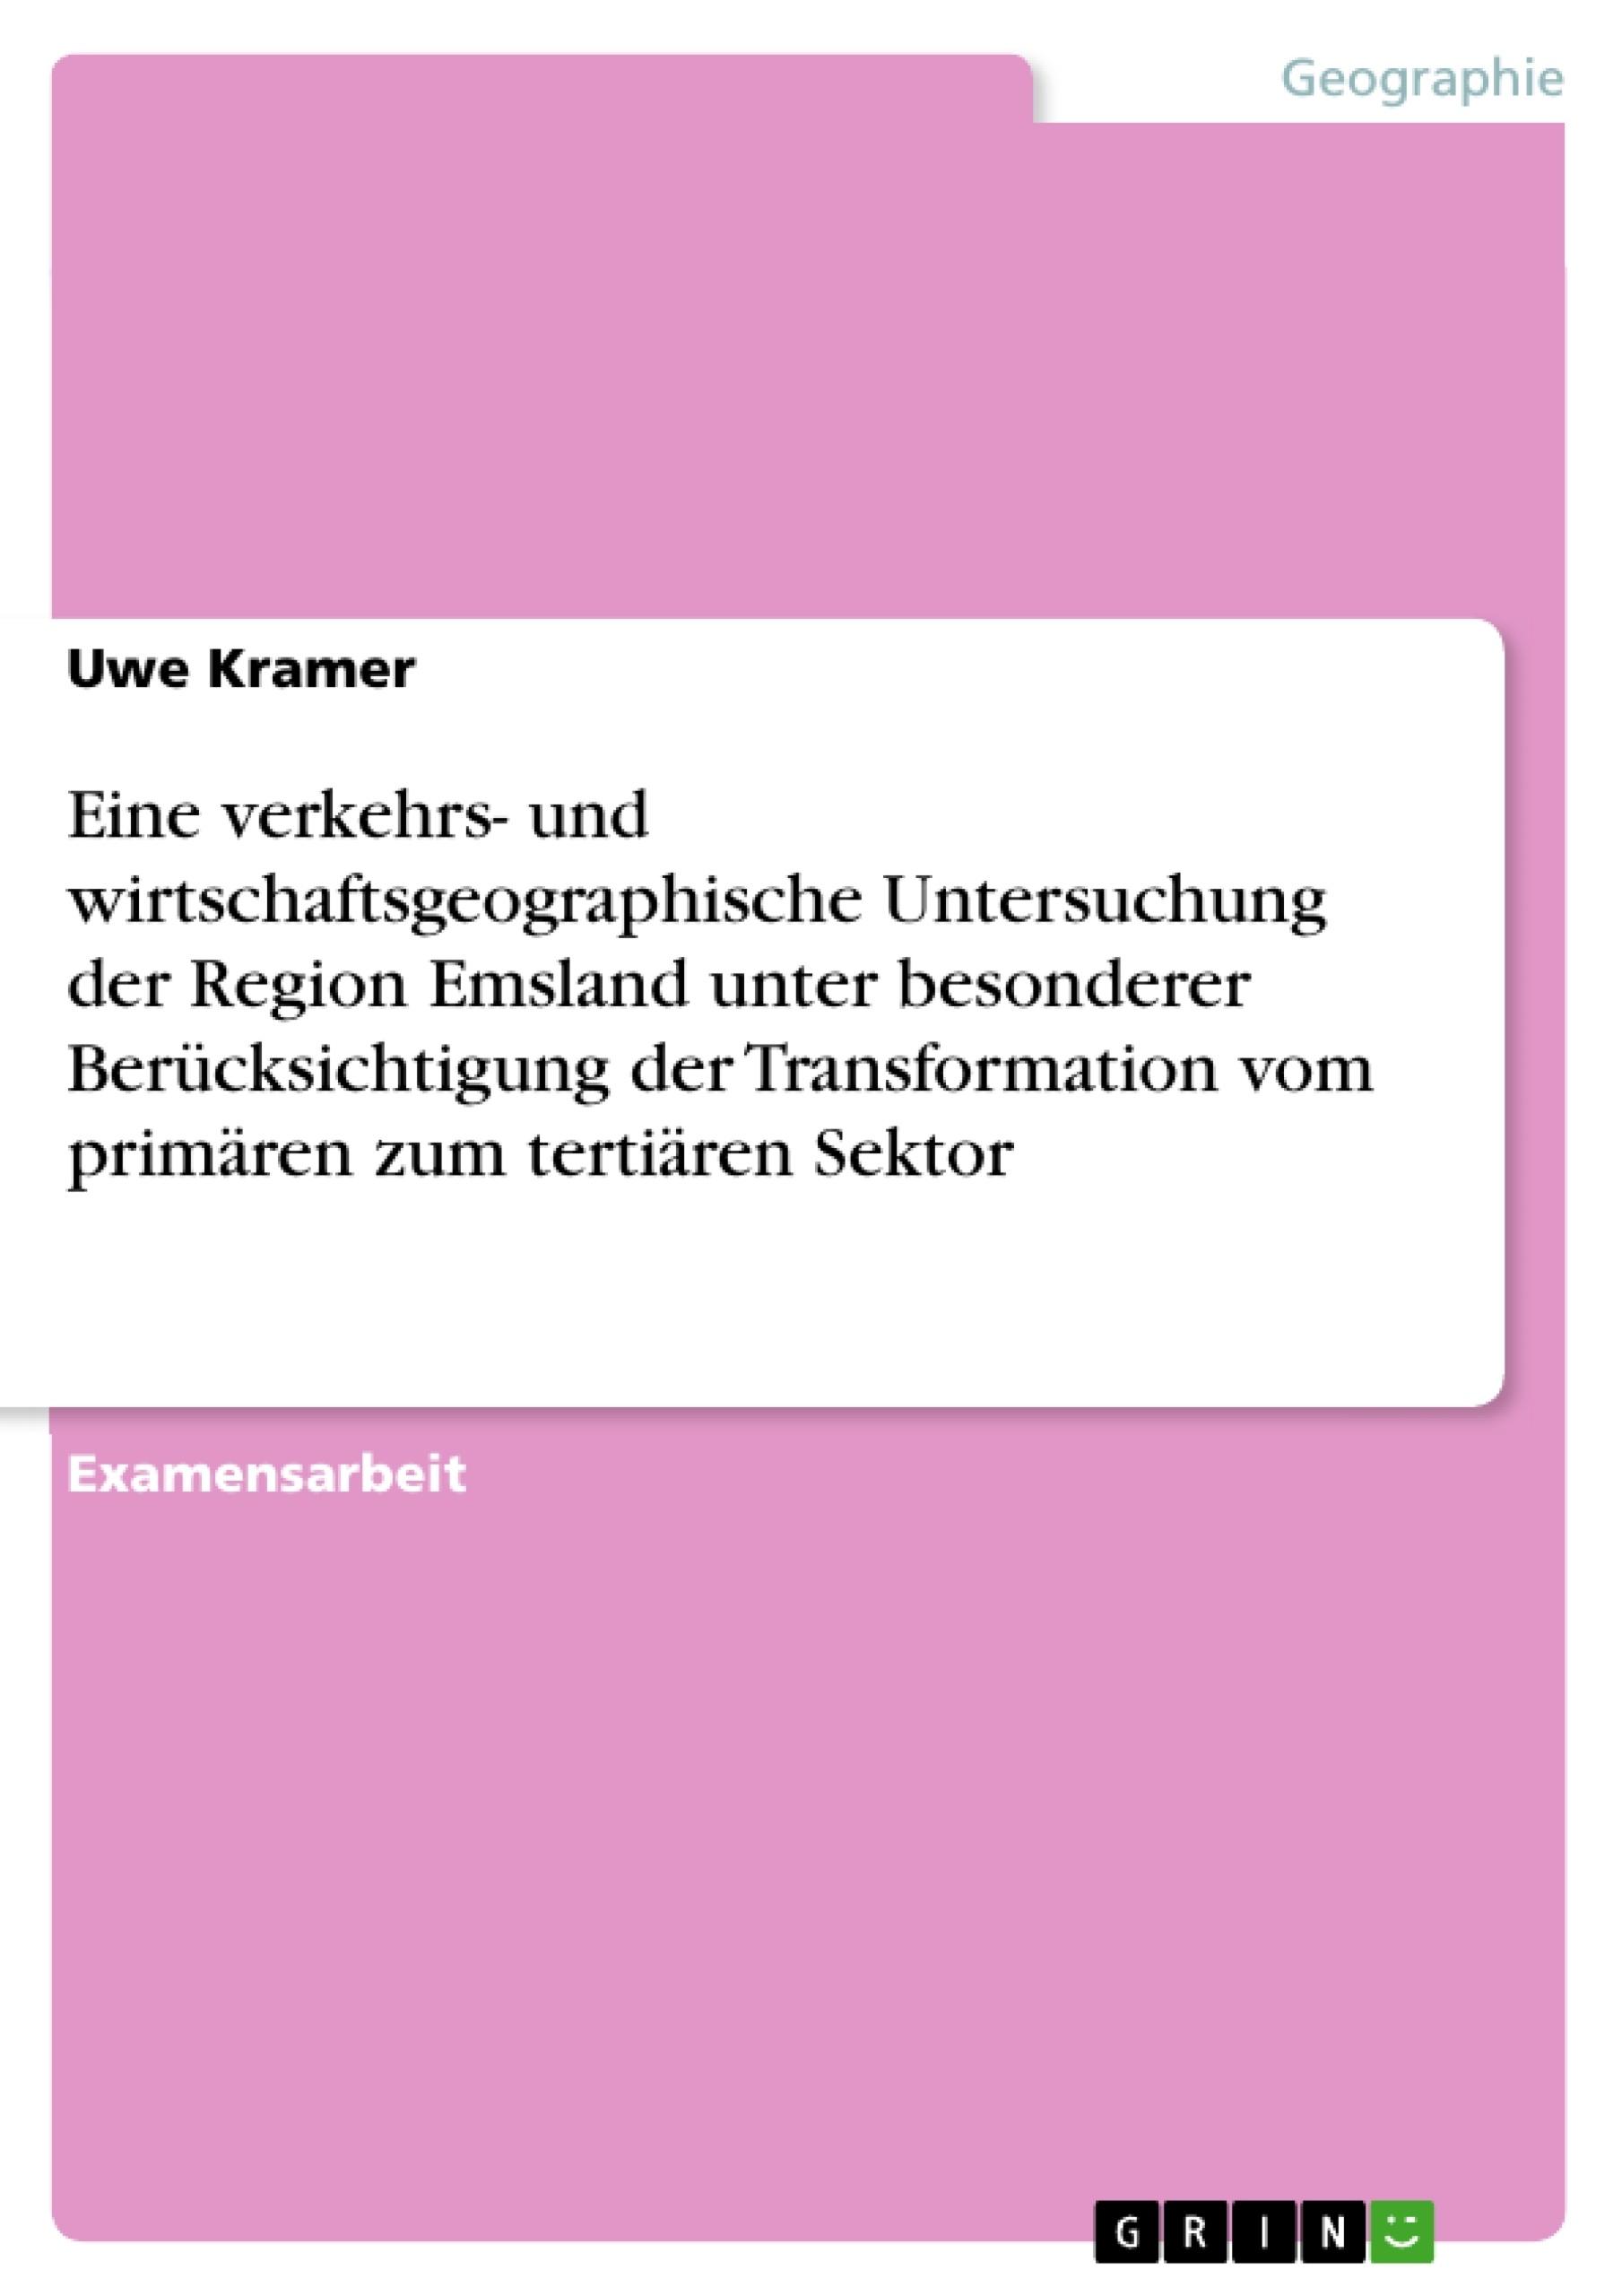 Titel: Eine verkehrs- und wirtschaftsgeographische Untersuchung der Region Emsland unter besonderer Berücksichtigung der Transformation vom primären zum tertiären Sektor